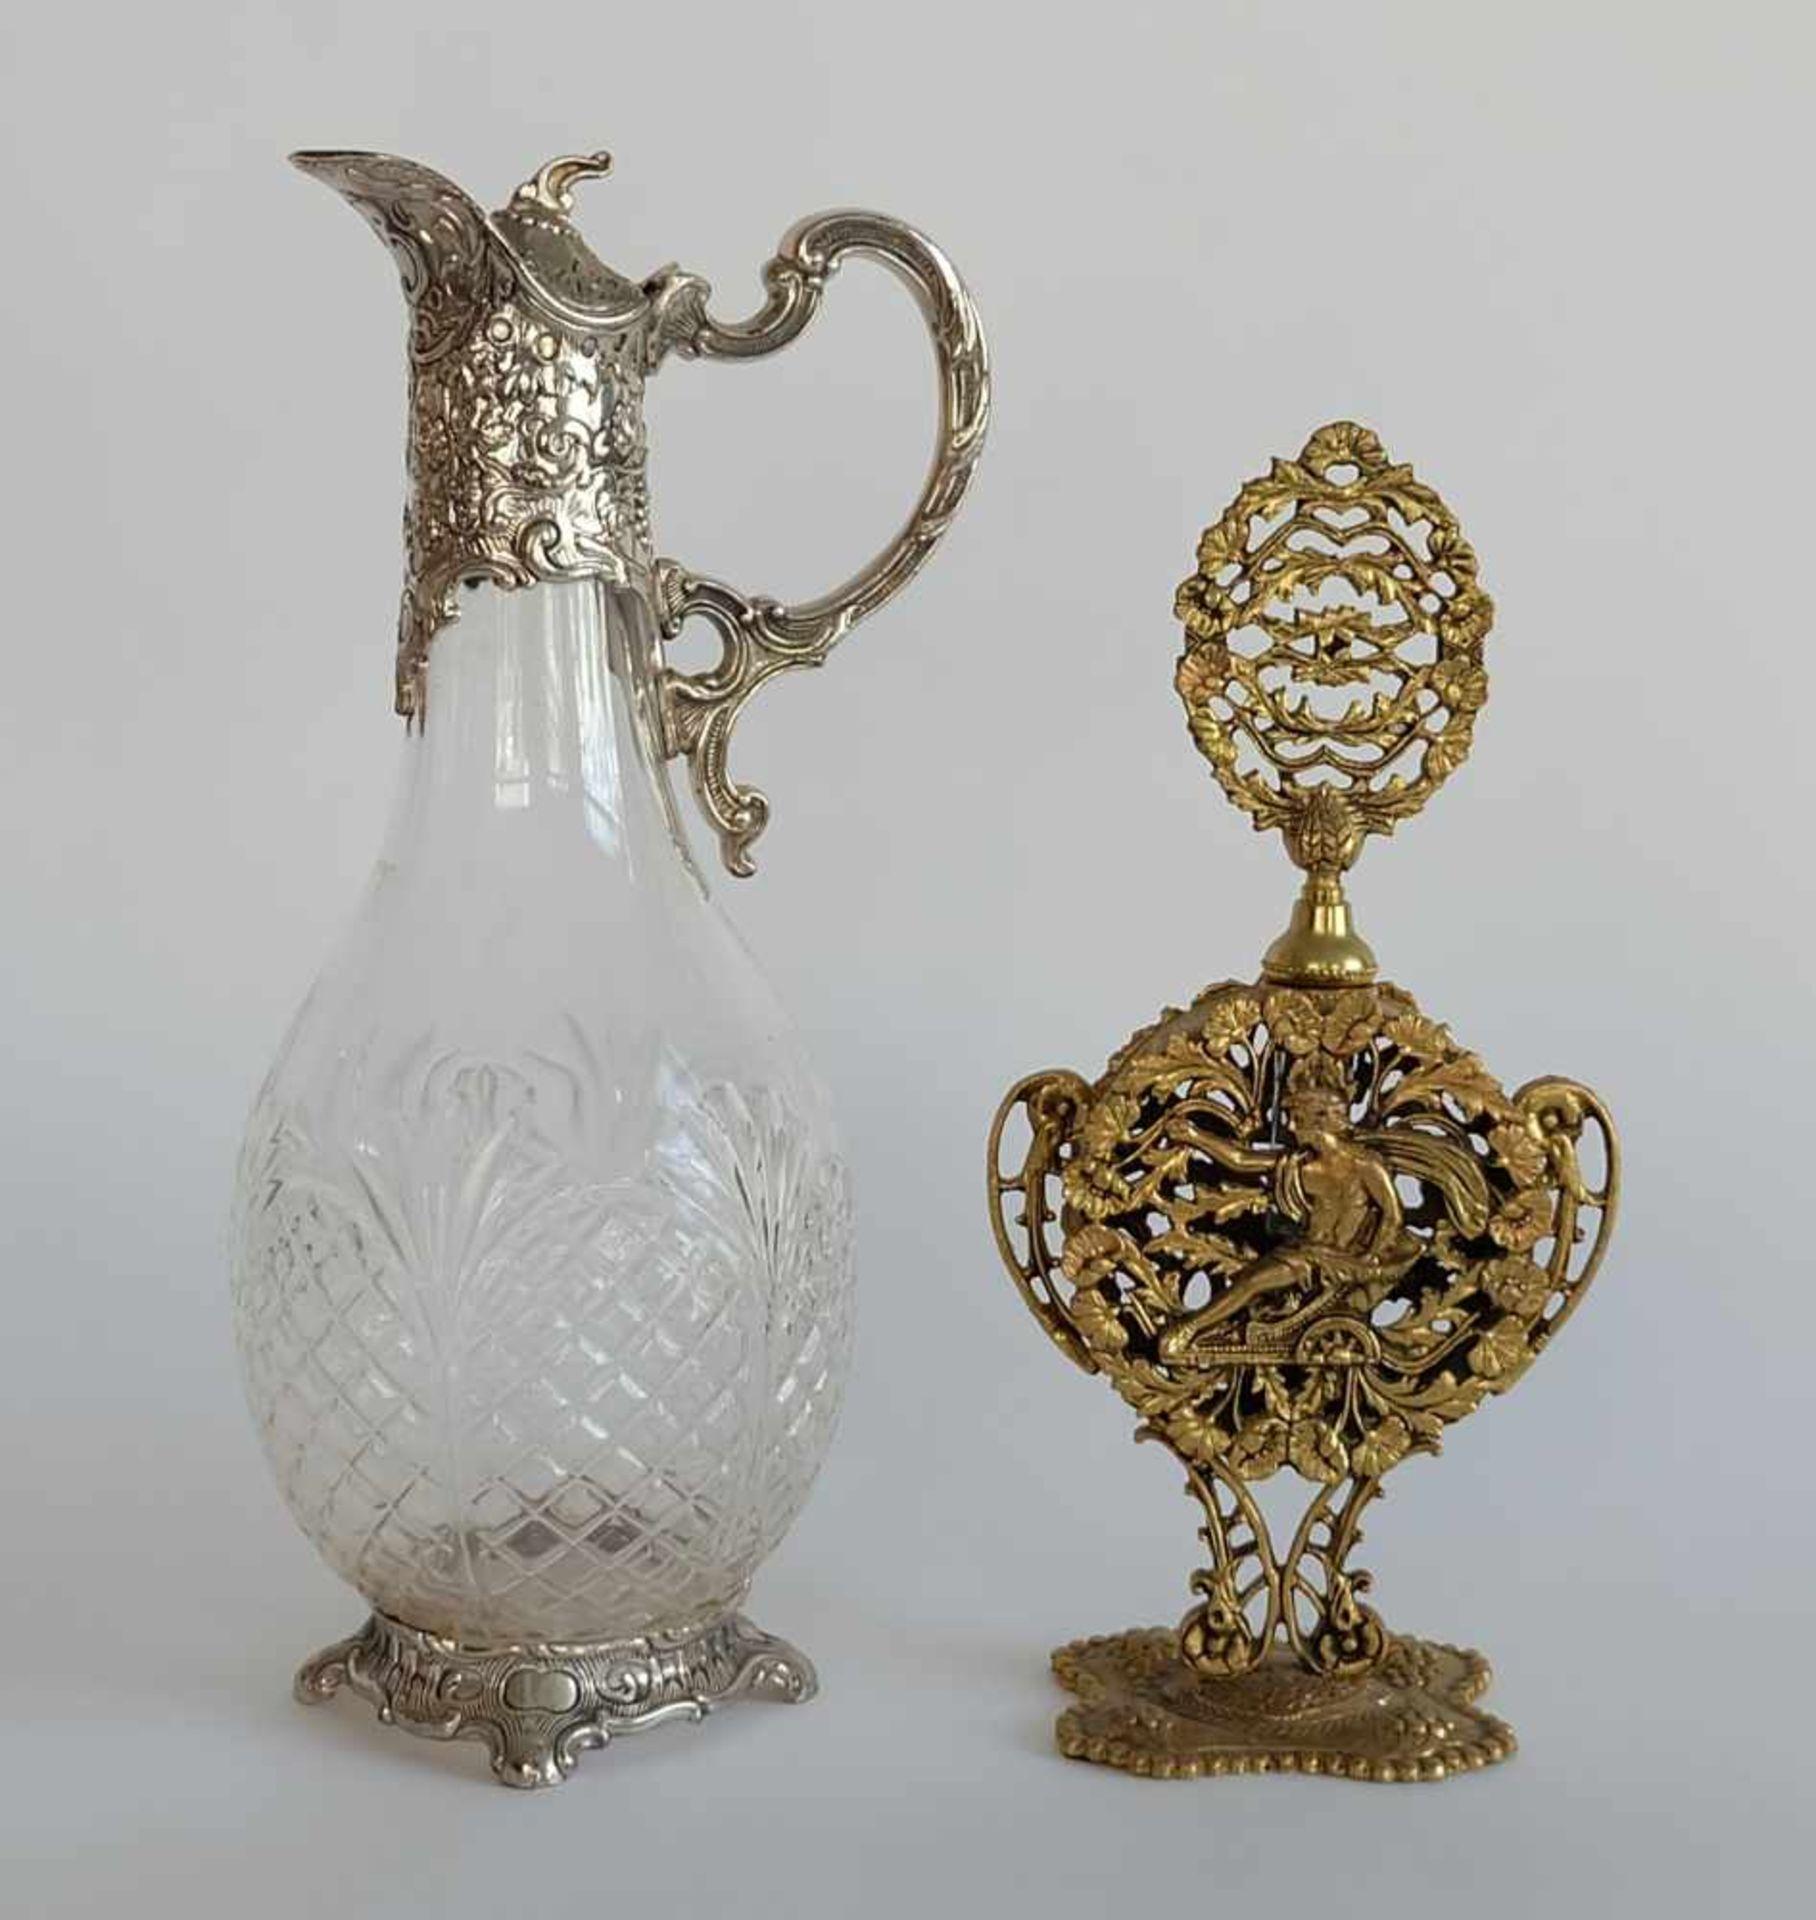 PRUNKFLAKON, Klassizismus-Stil, Messingkorpus, durchbrochen gearbeitet, mit Glasphiole, entspr.